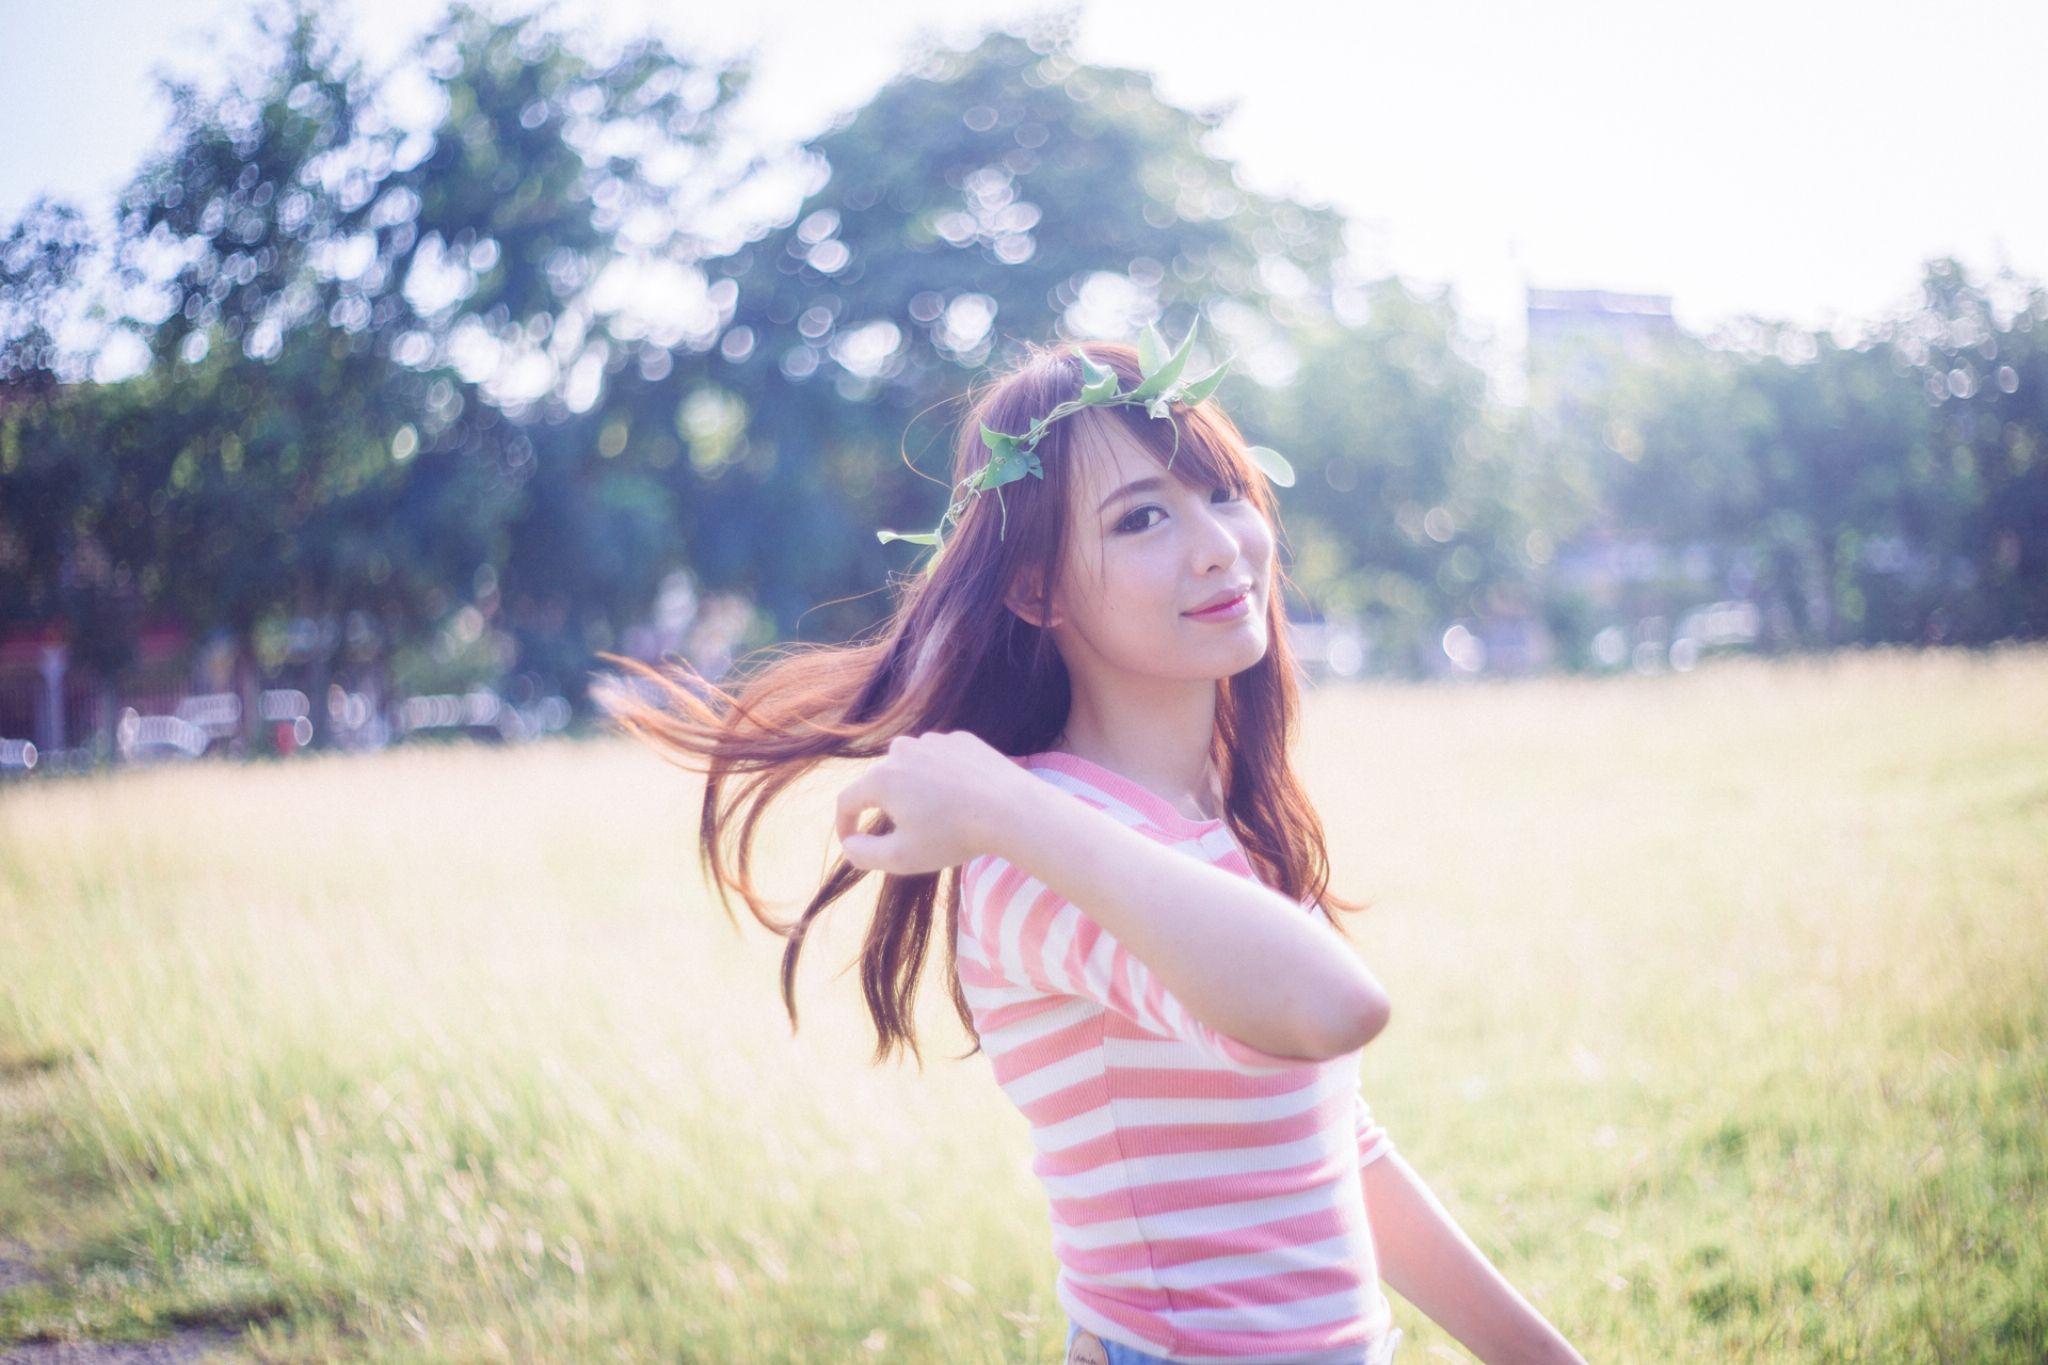 かわいいガール by ZM cherie Photography